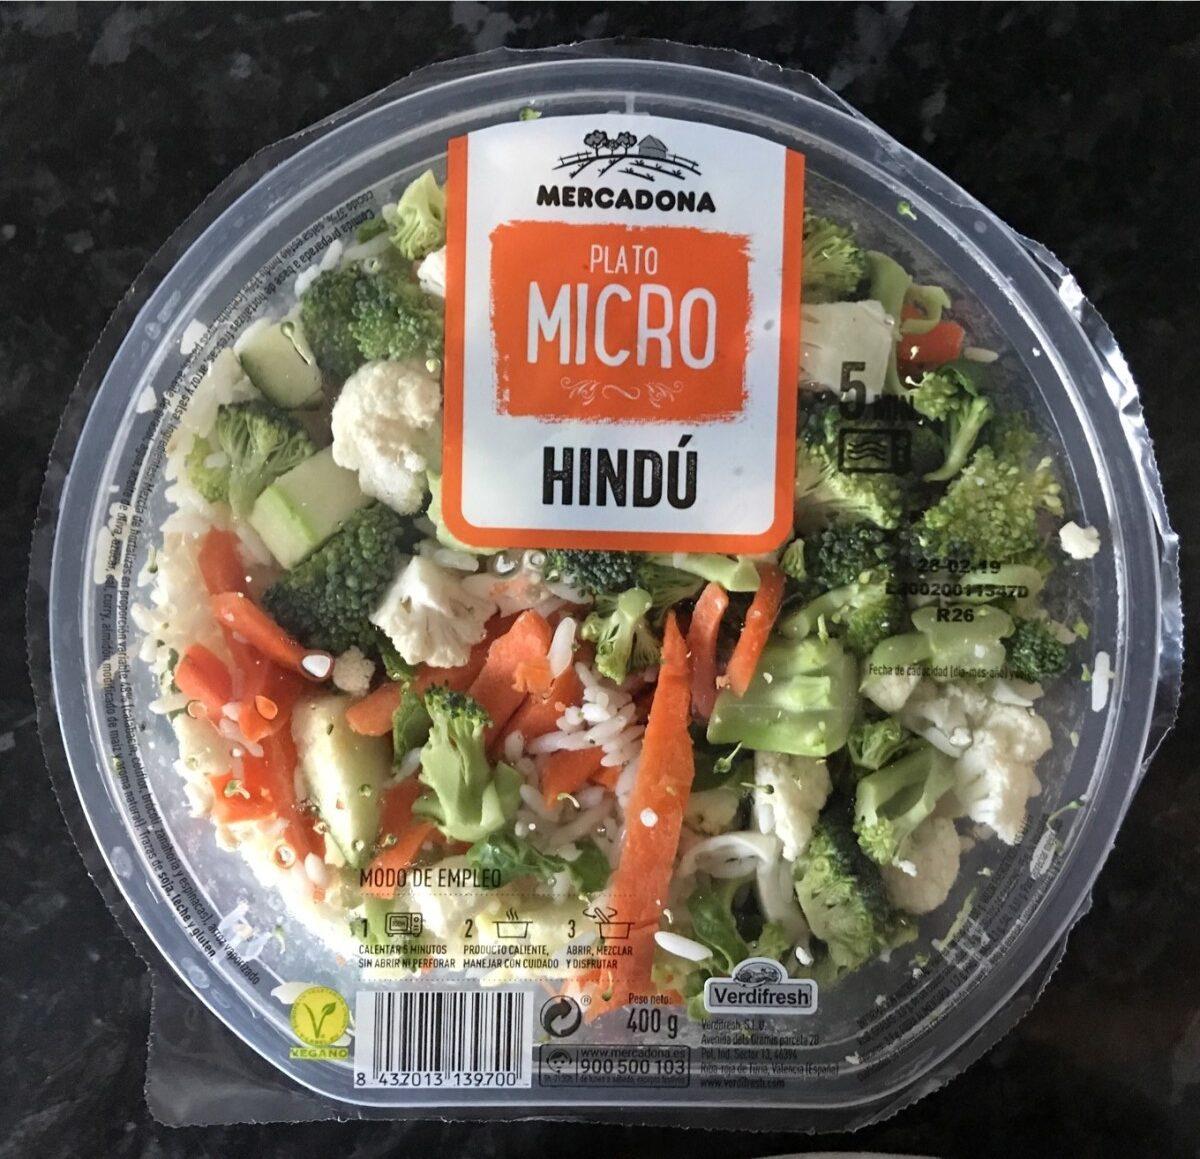 Plato micro HINDÚ - Producte - es